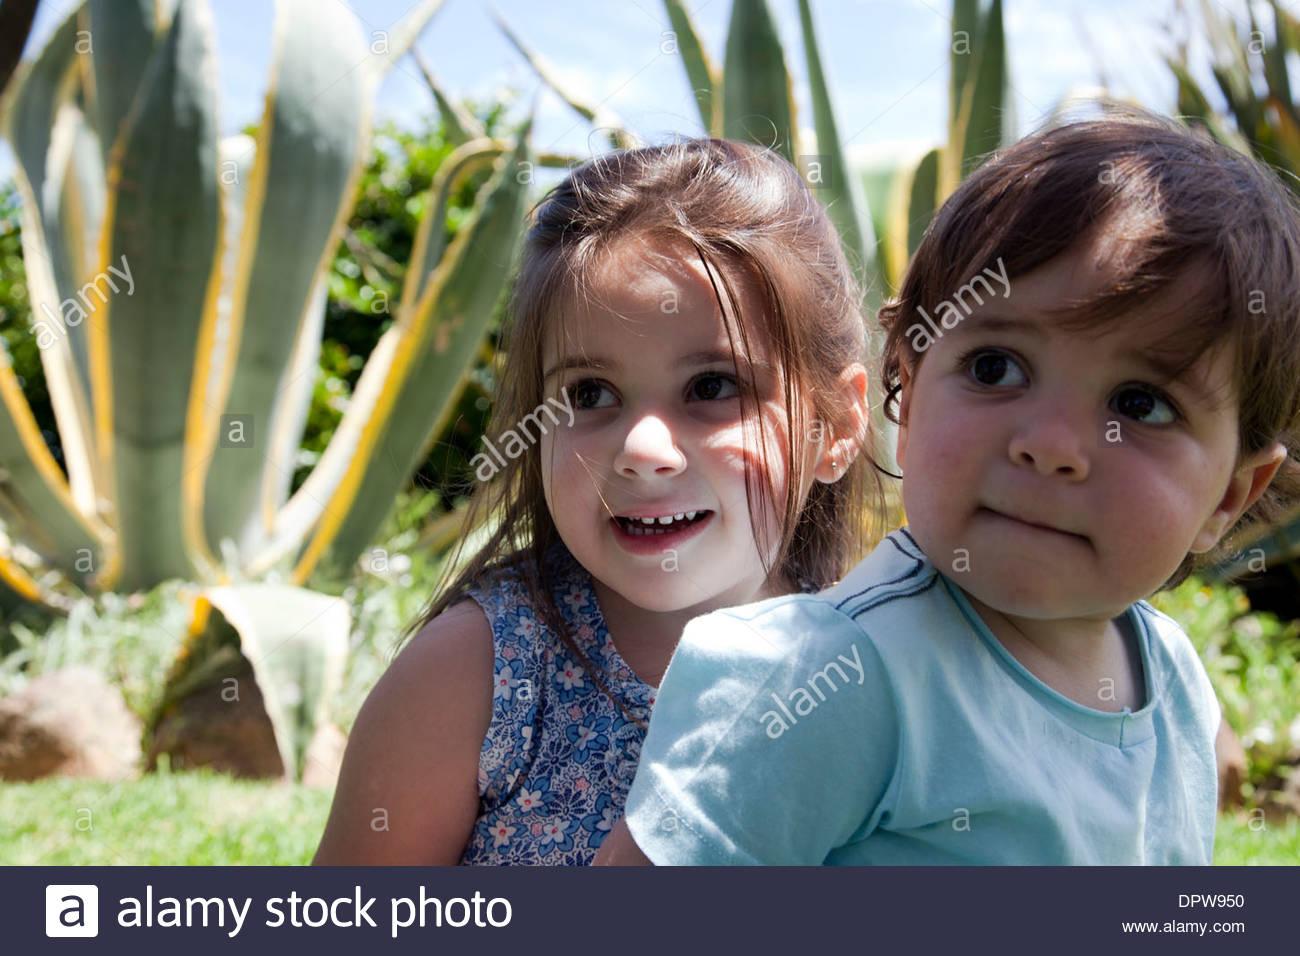 Bruder und Schwester Porträt im Garten Stockfoto